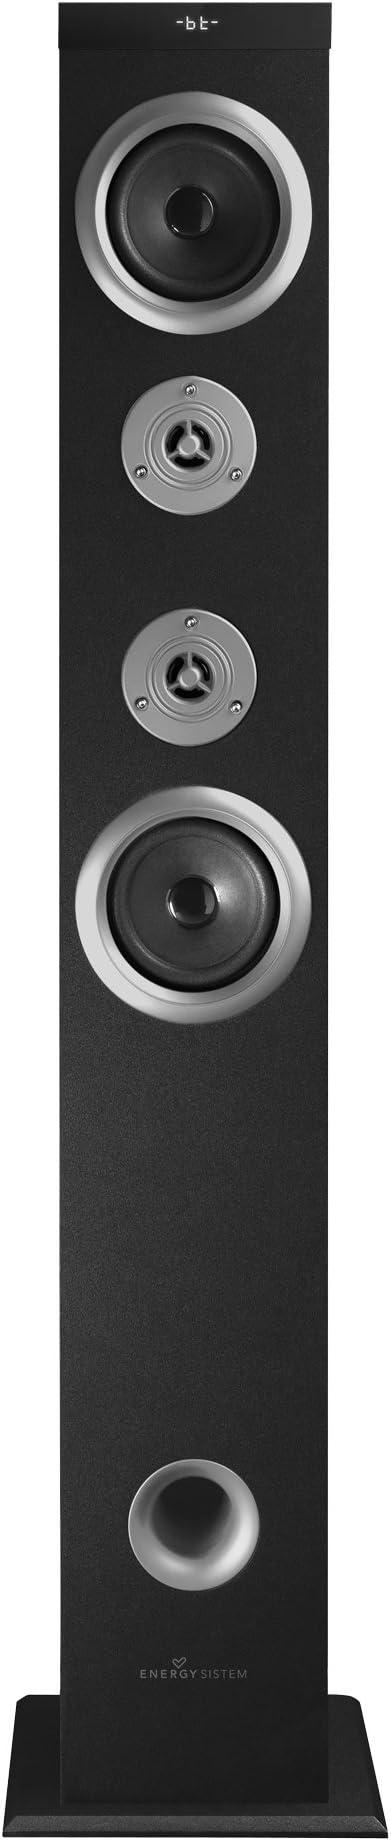 Energy Sistem Tower 5 AT - Sistema de sonido Bluetooth (60 W, Touch panel, USB/SD y FM), color negro y plata: Amazon.es: Electrónica